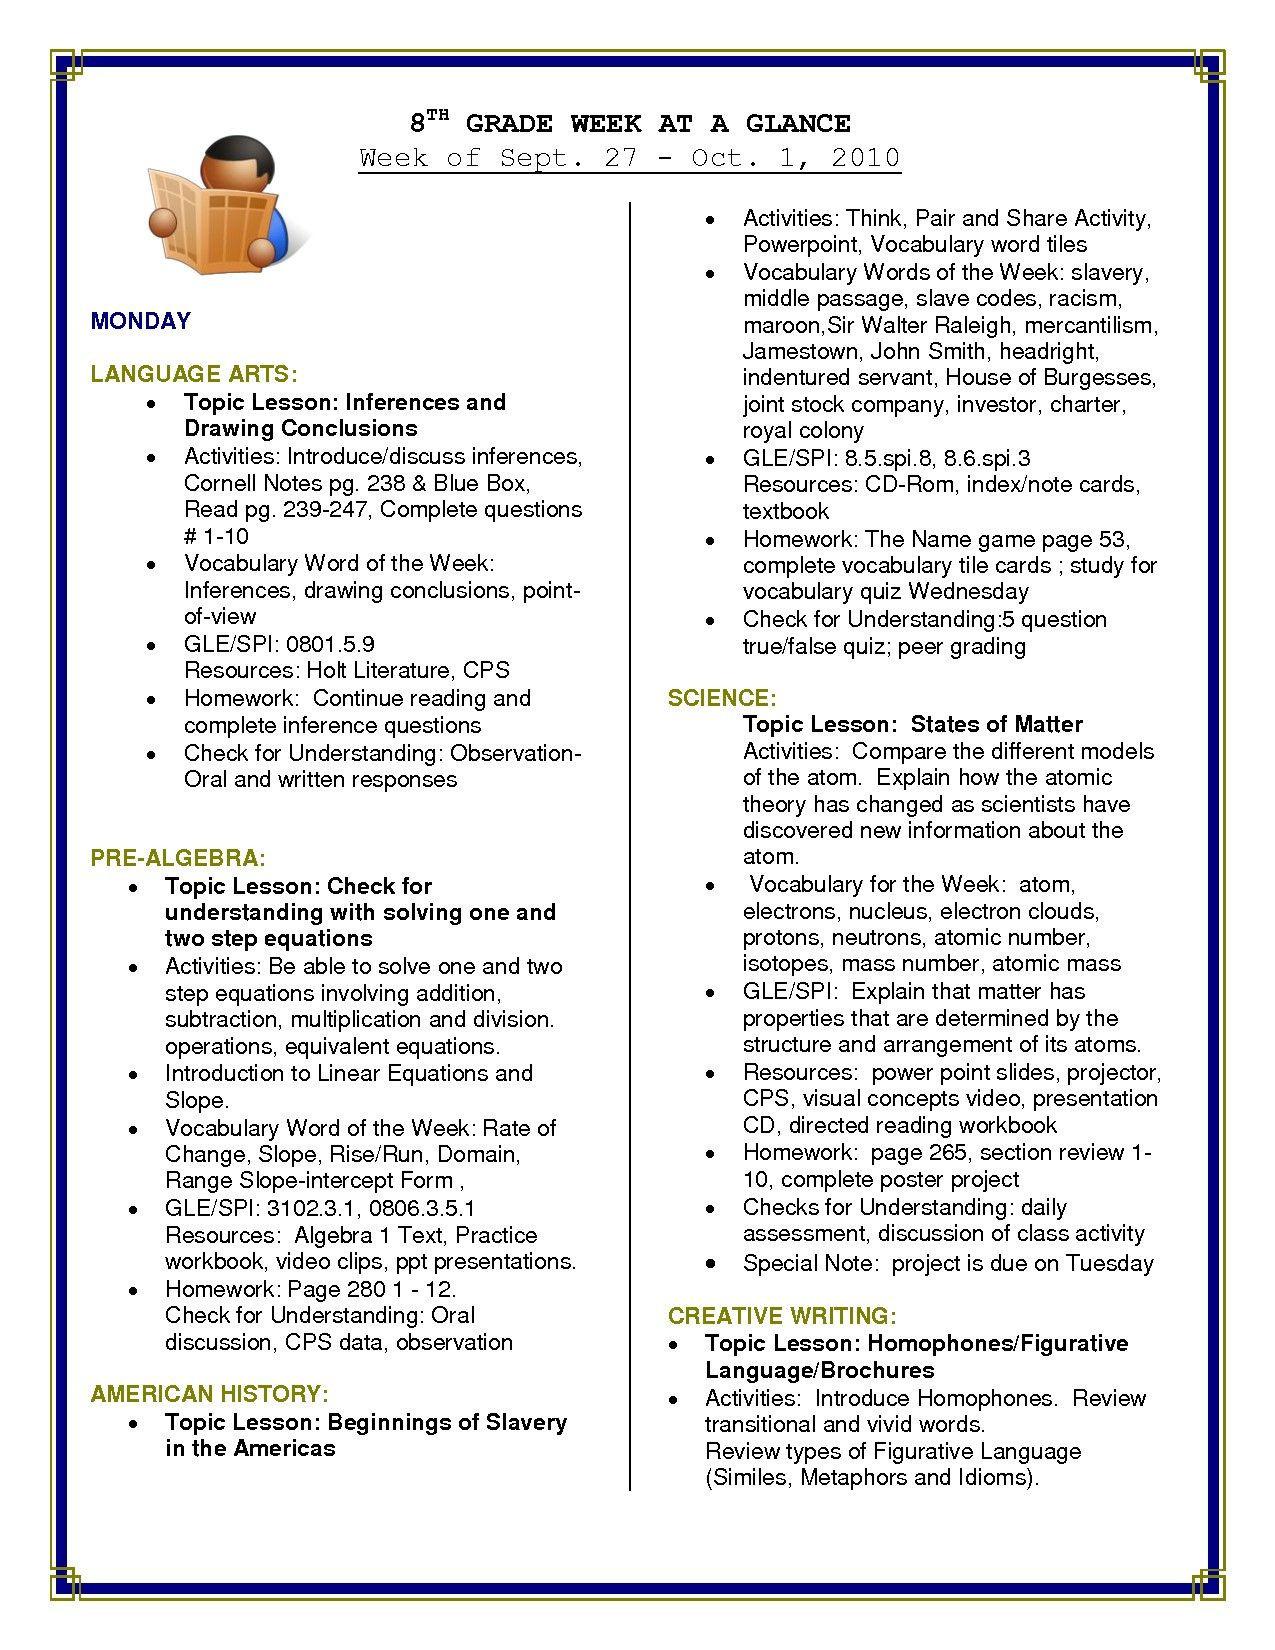 Language Arts Worksheets 8th Grade 8th Grade Reading Worksheets